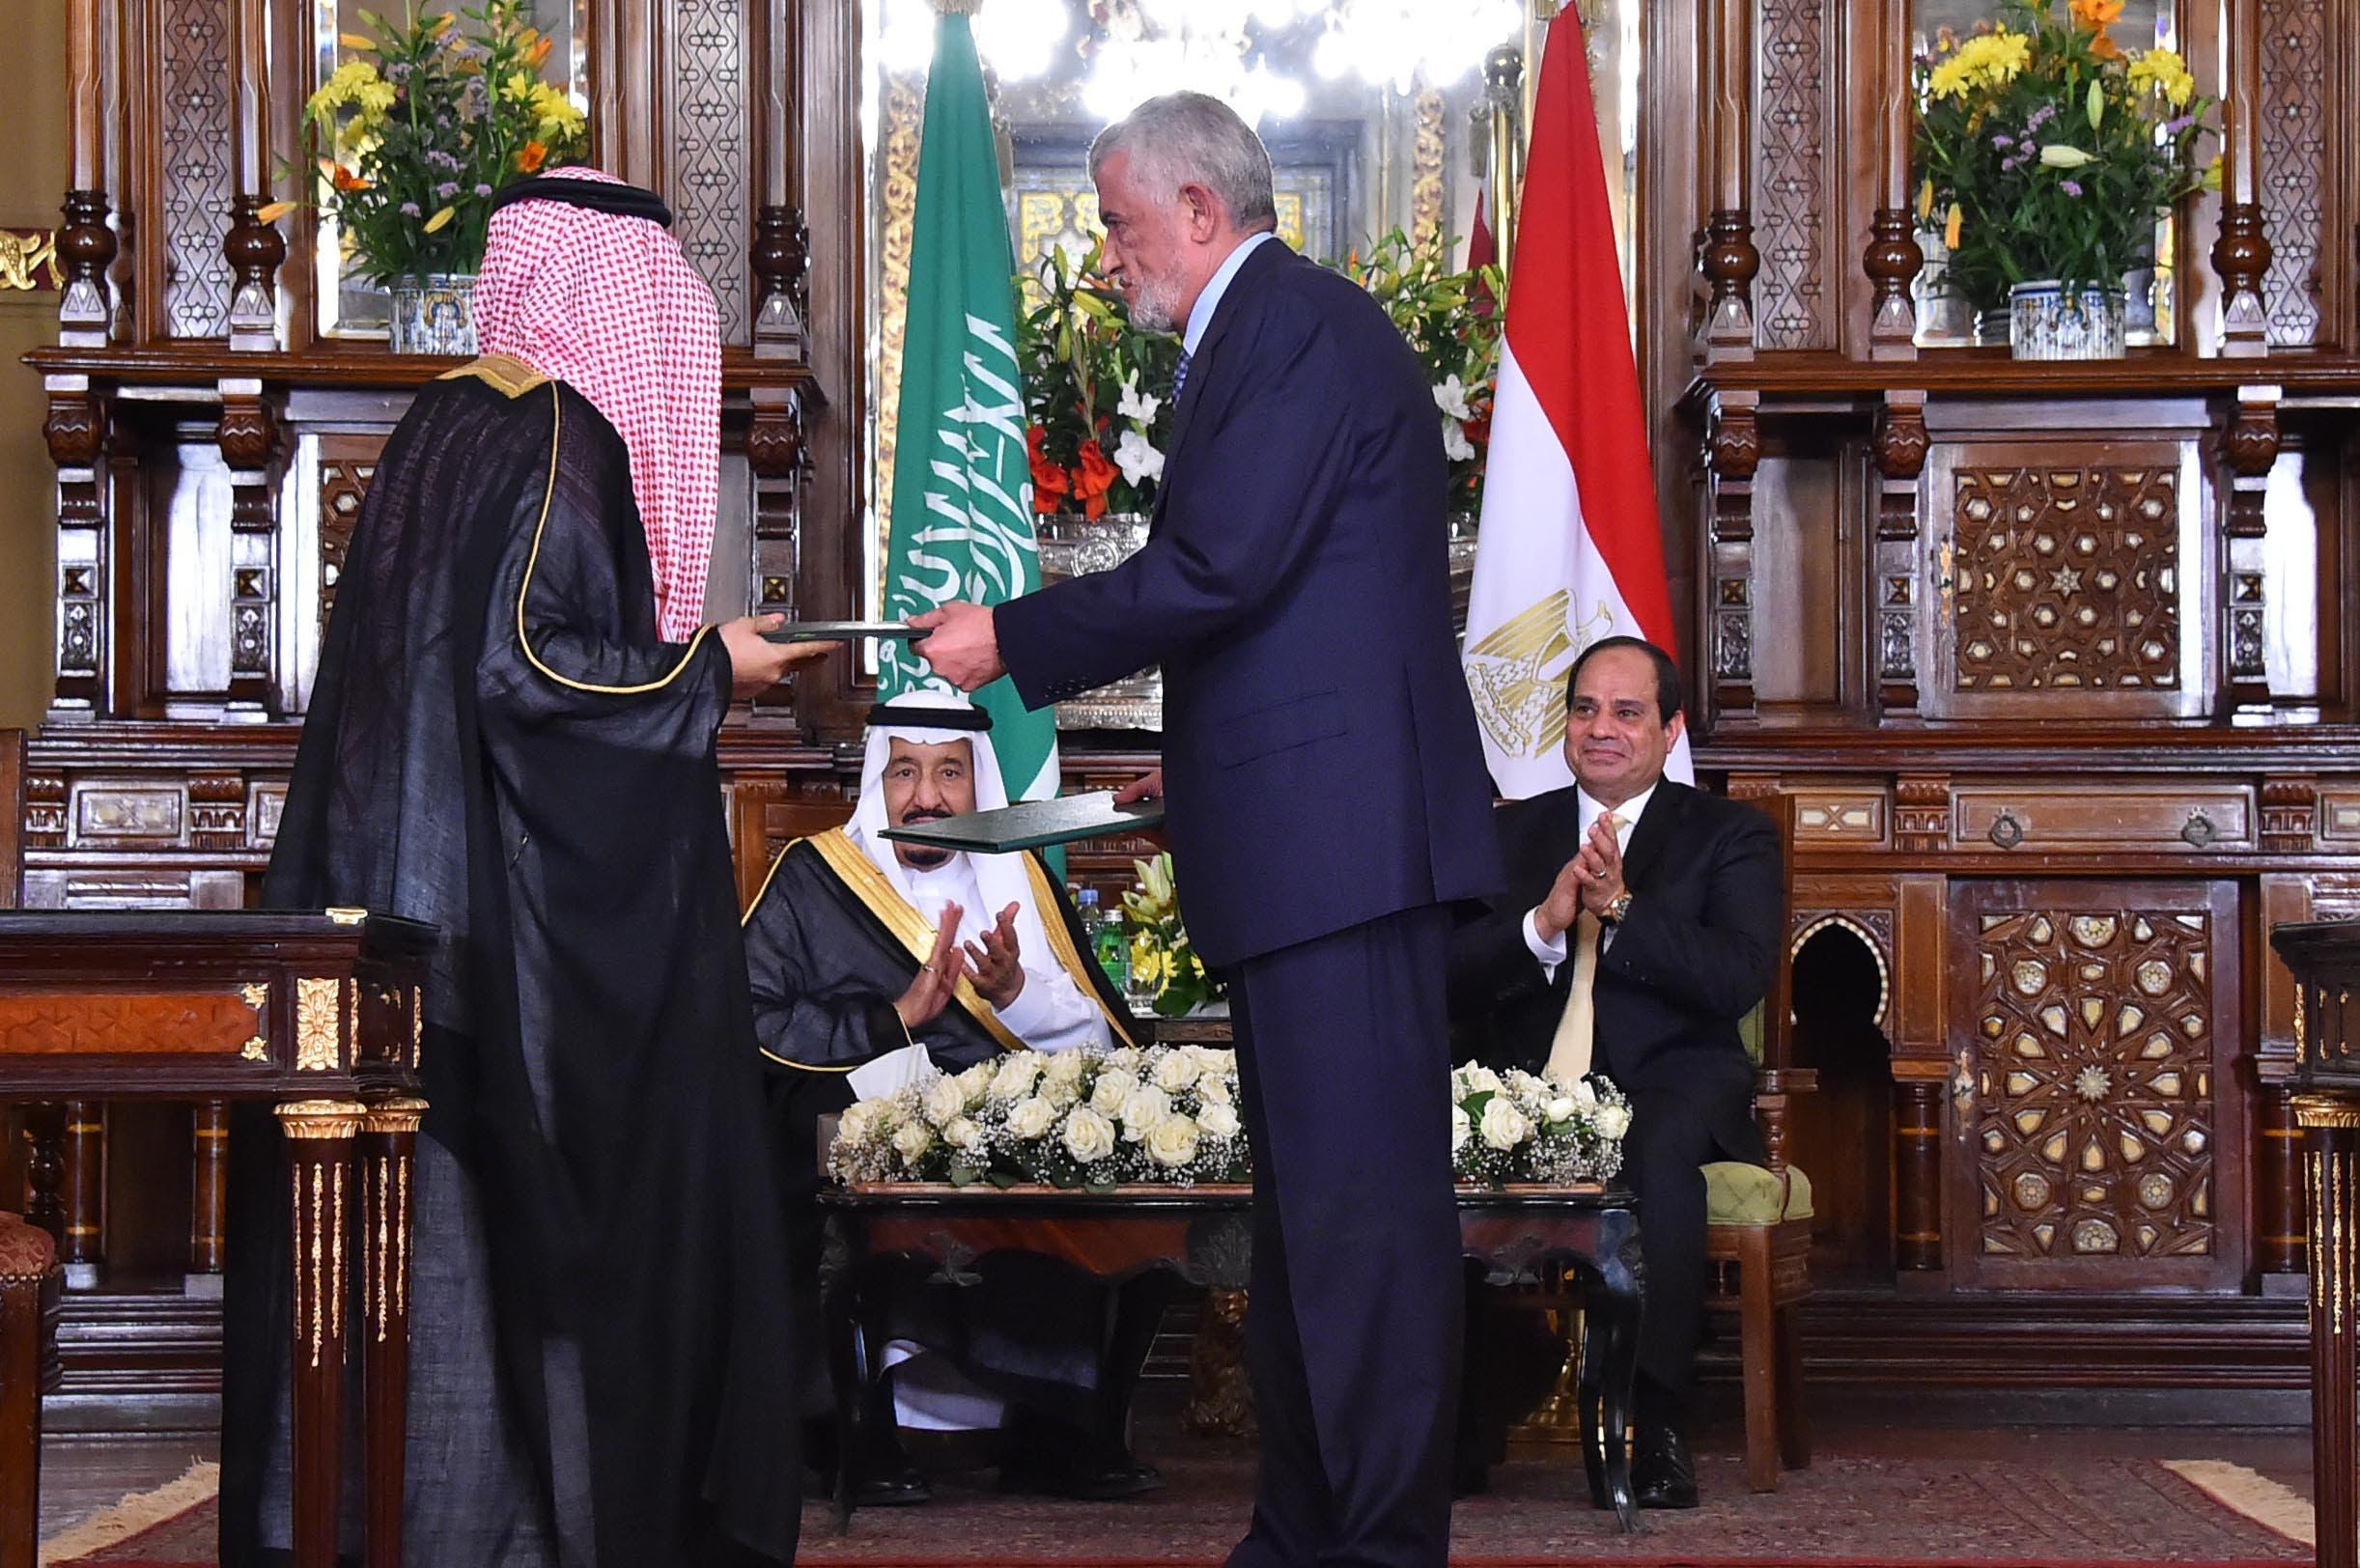 الملك سلمان والرئيس السيسي يشهدان توقيع اتفاقيات اقتصادية